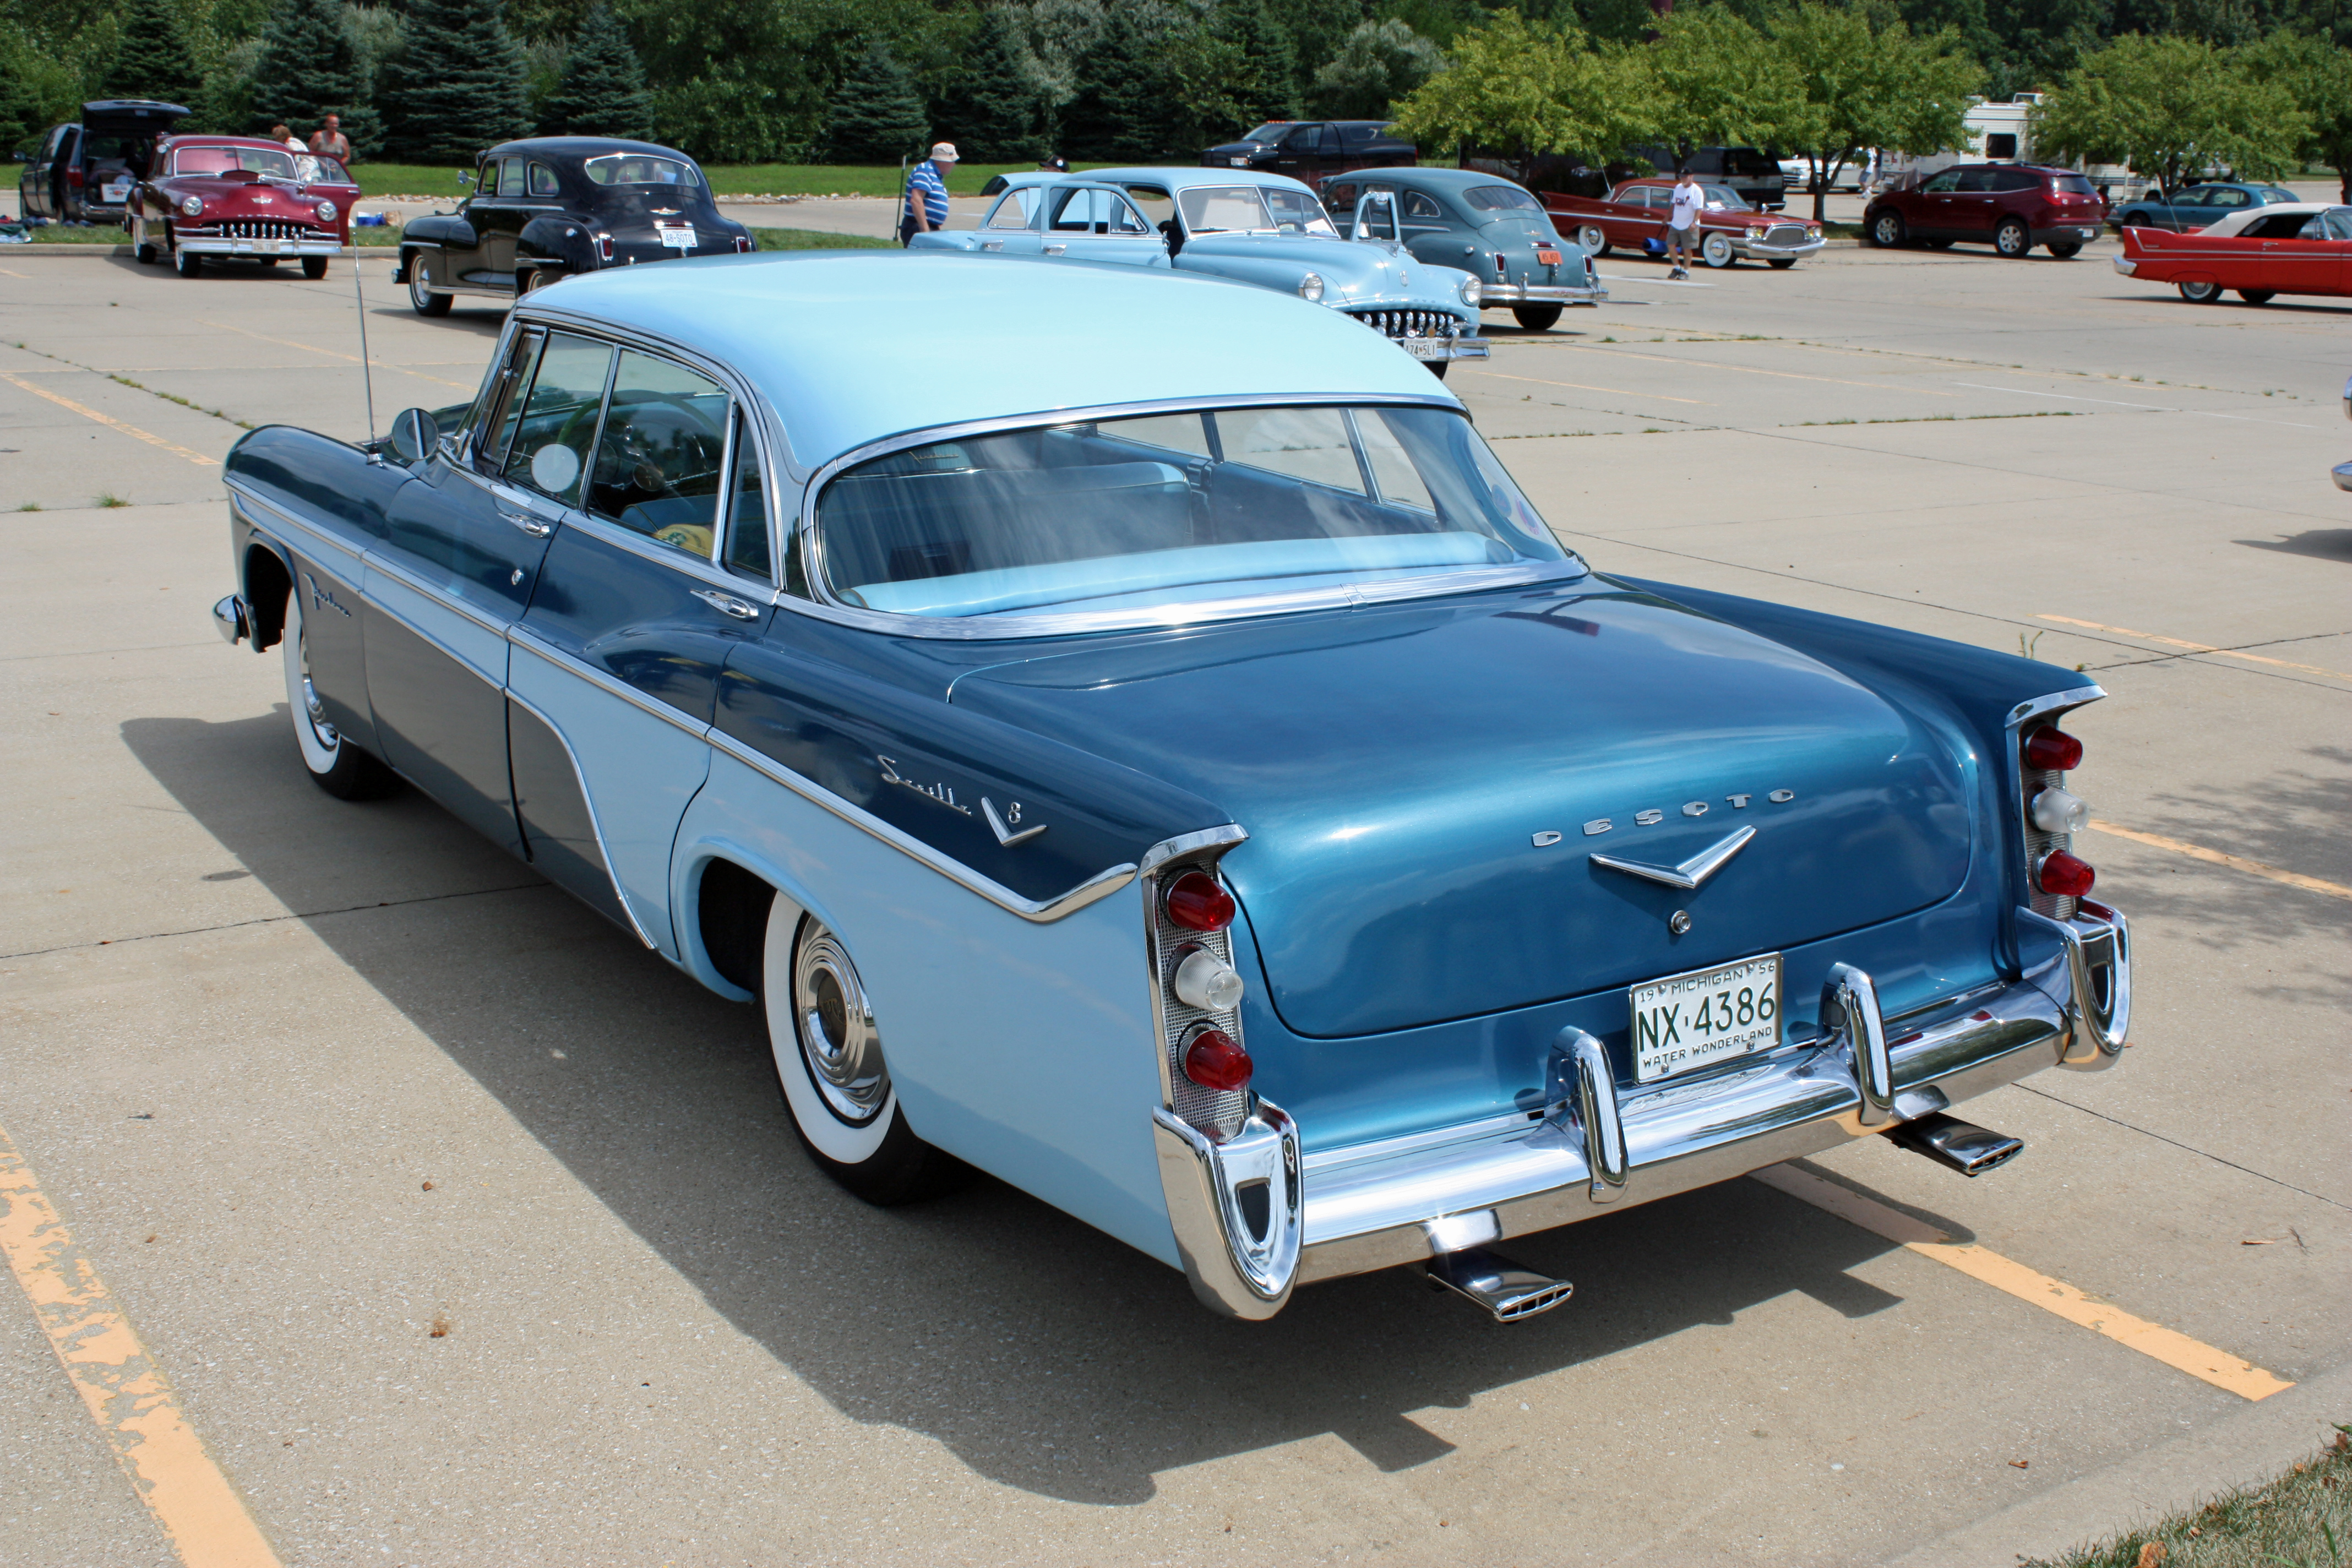 1956 desoto firedome seville 4 door hardtop 1 of 10 - 1938 1974 Gm Valve Cover Oil Filler Breather Cap Fb 7 Nos 1552232